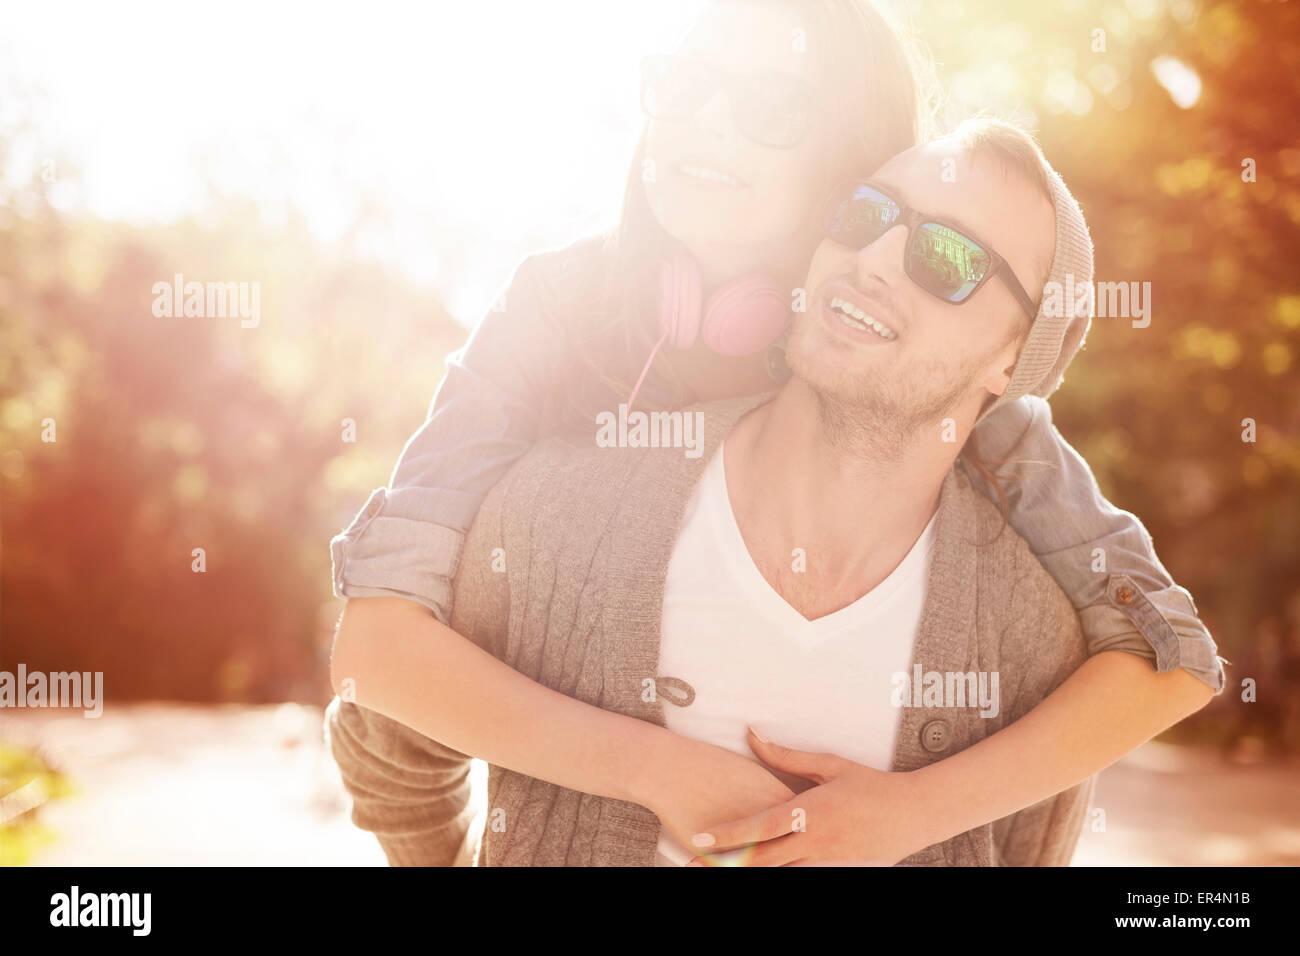 Retrato de pareja amorosa en día soleado. Cracovia, Polonia Imagen De Stock